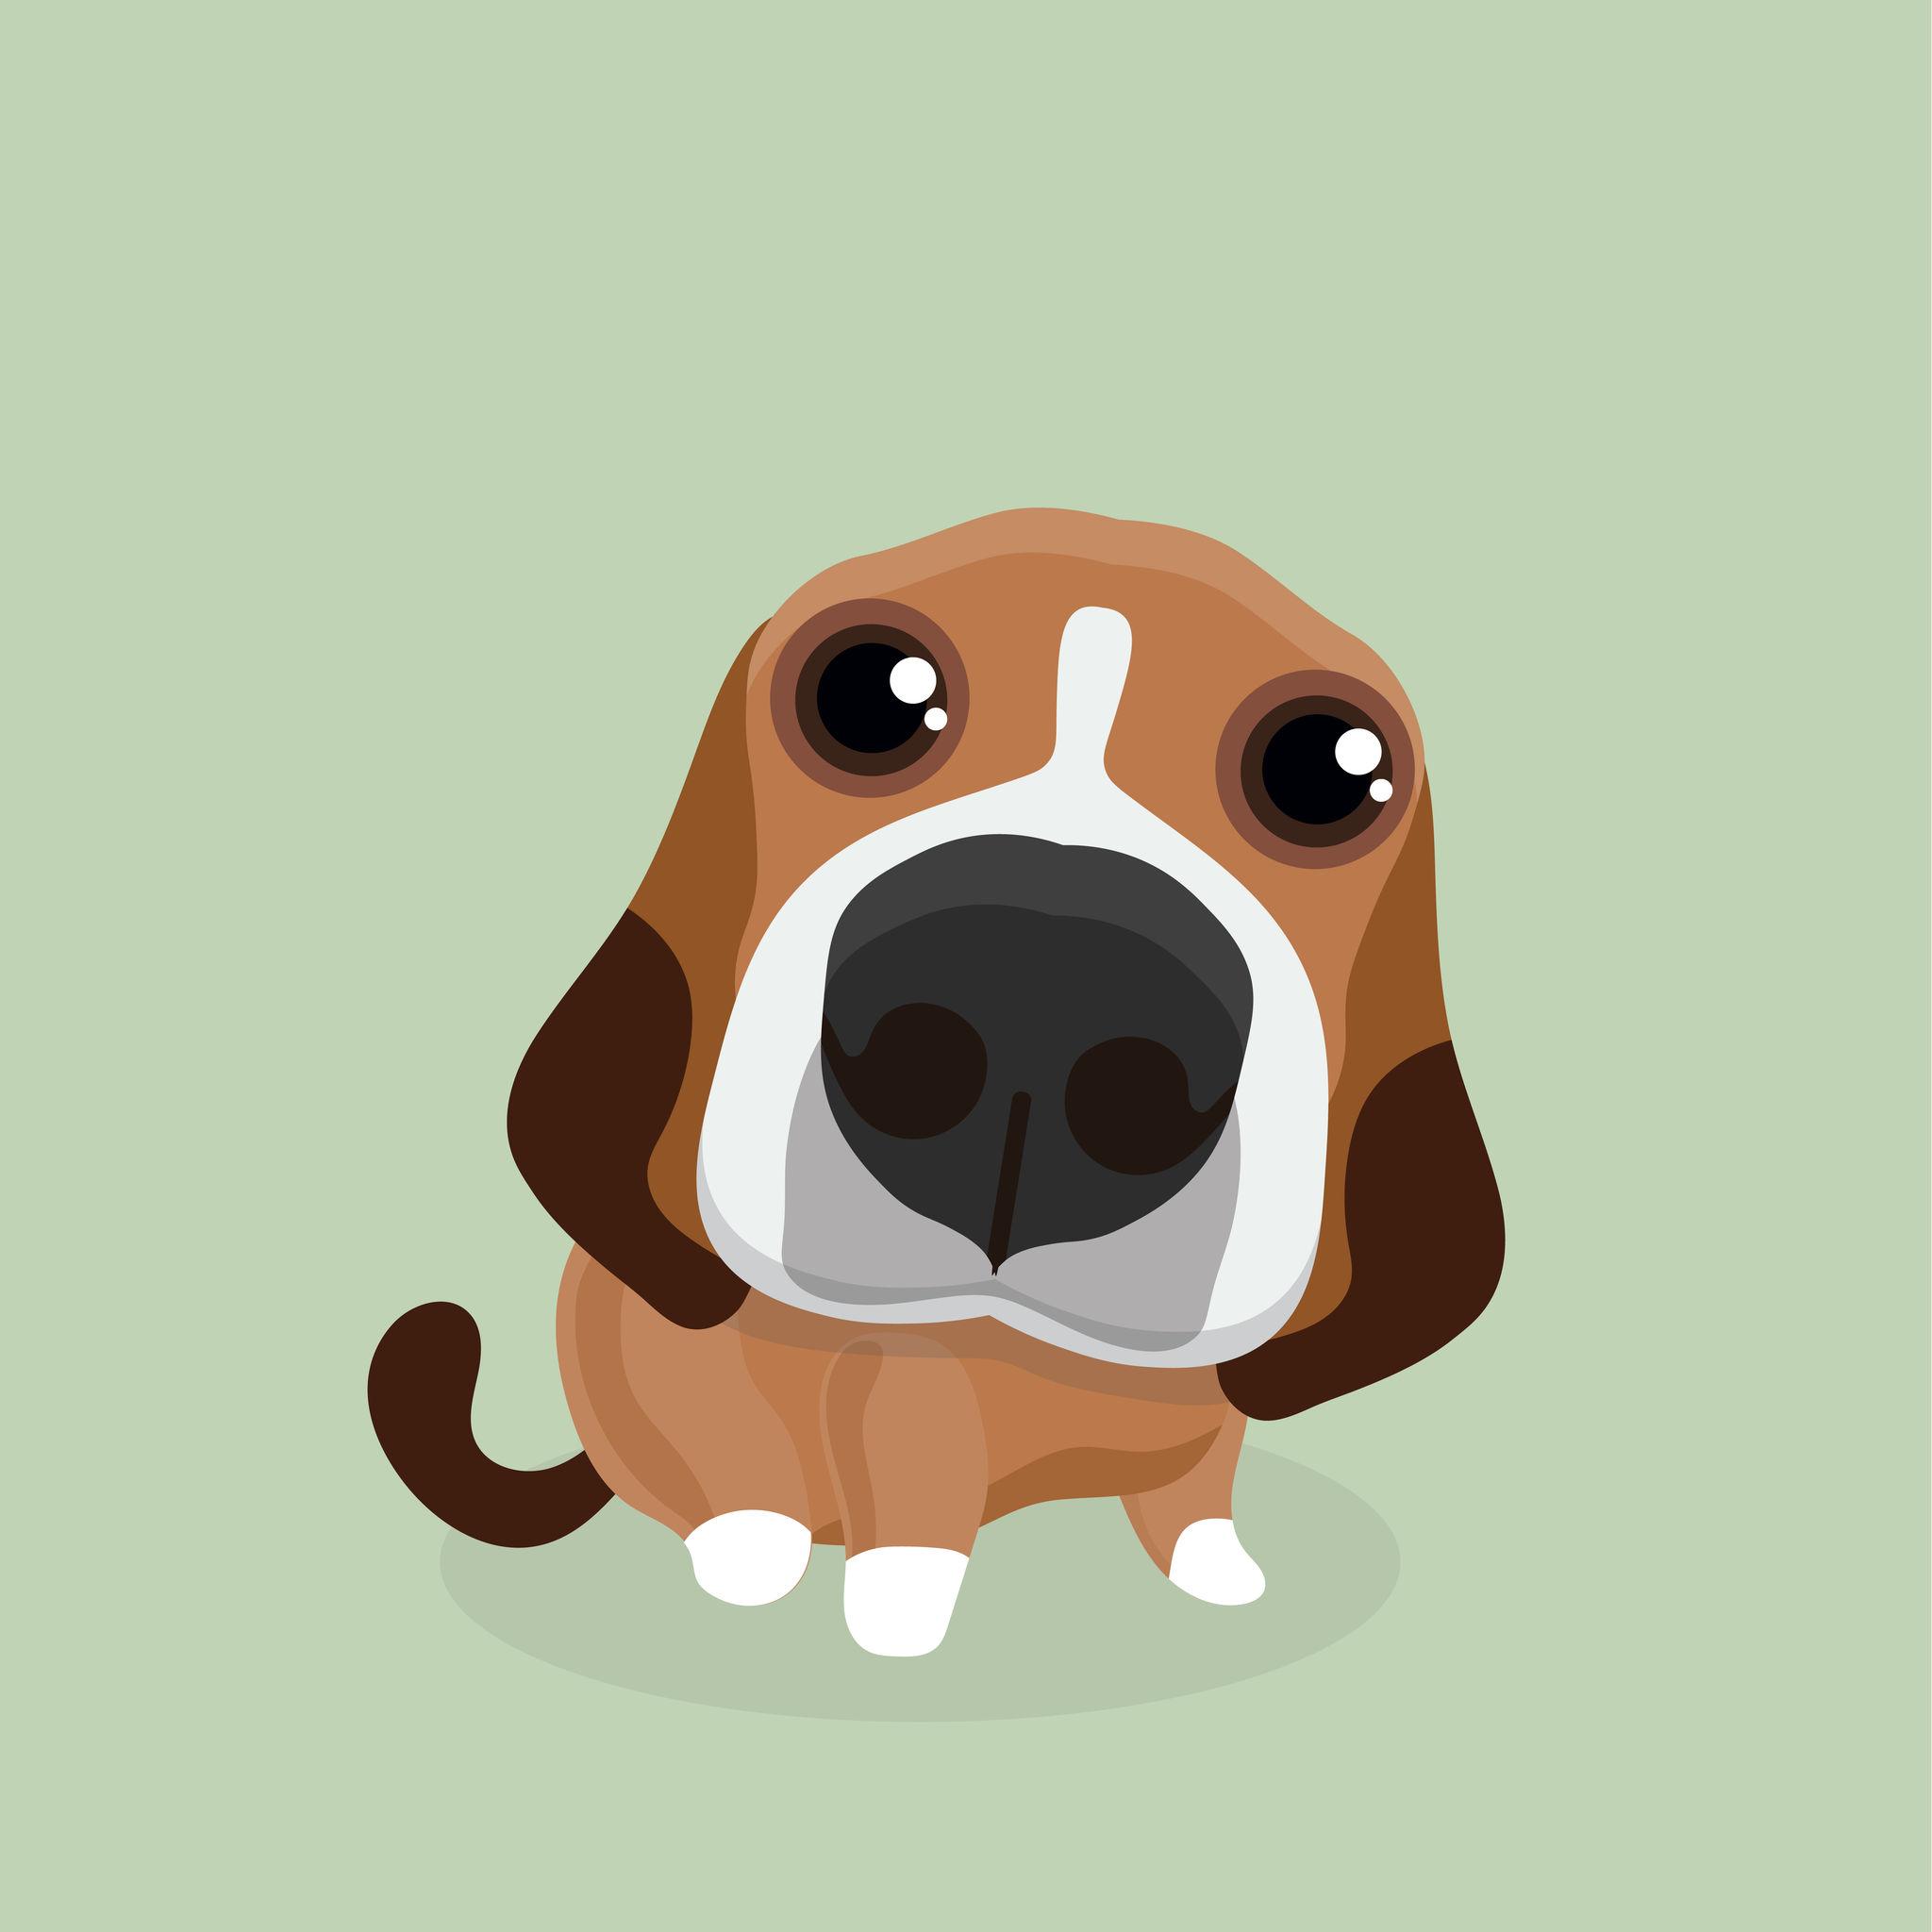 83755511 – cartoon happy beagle dog.